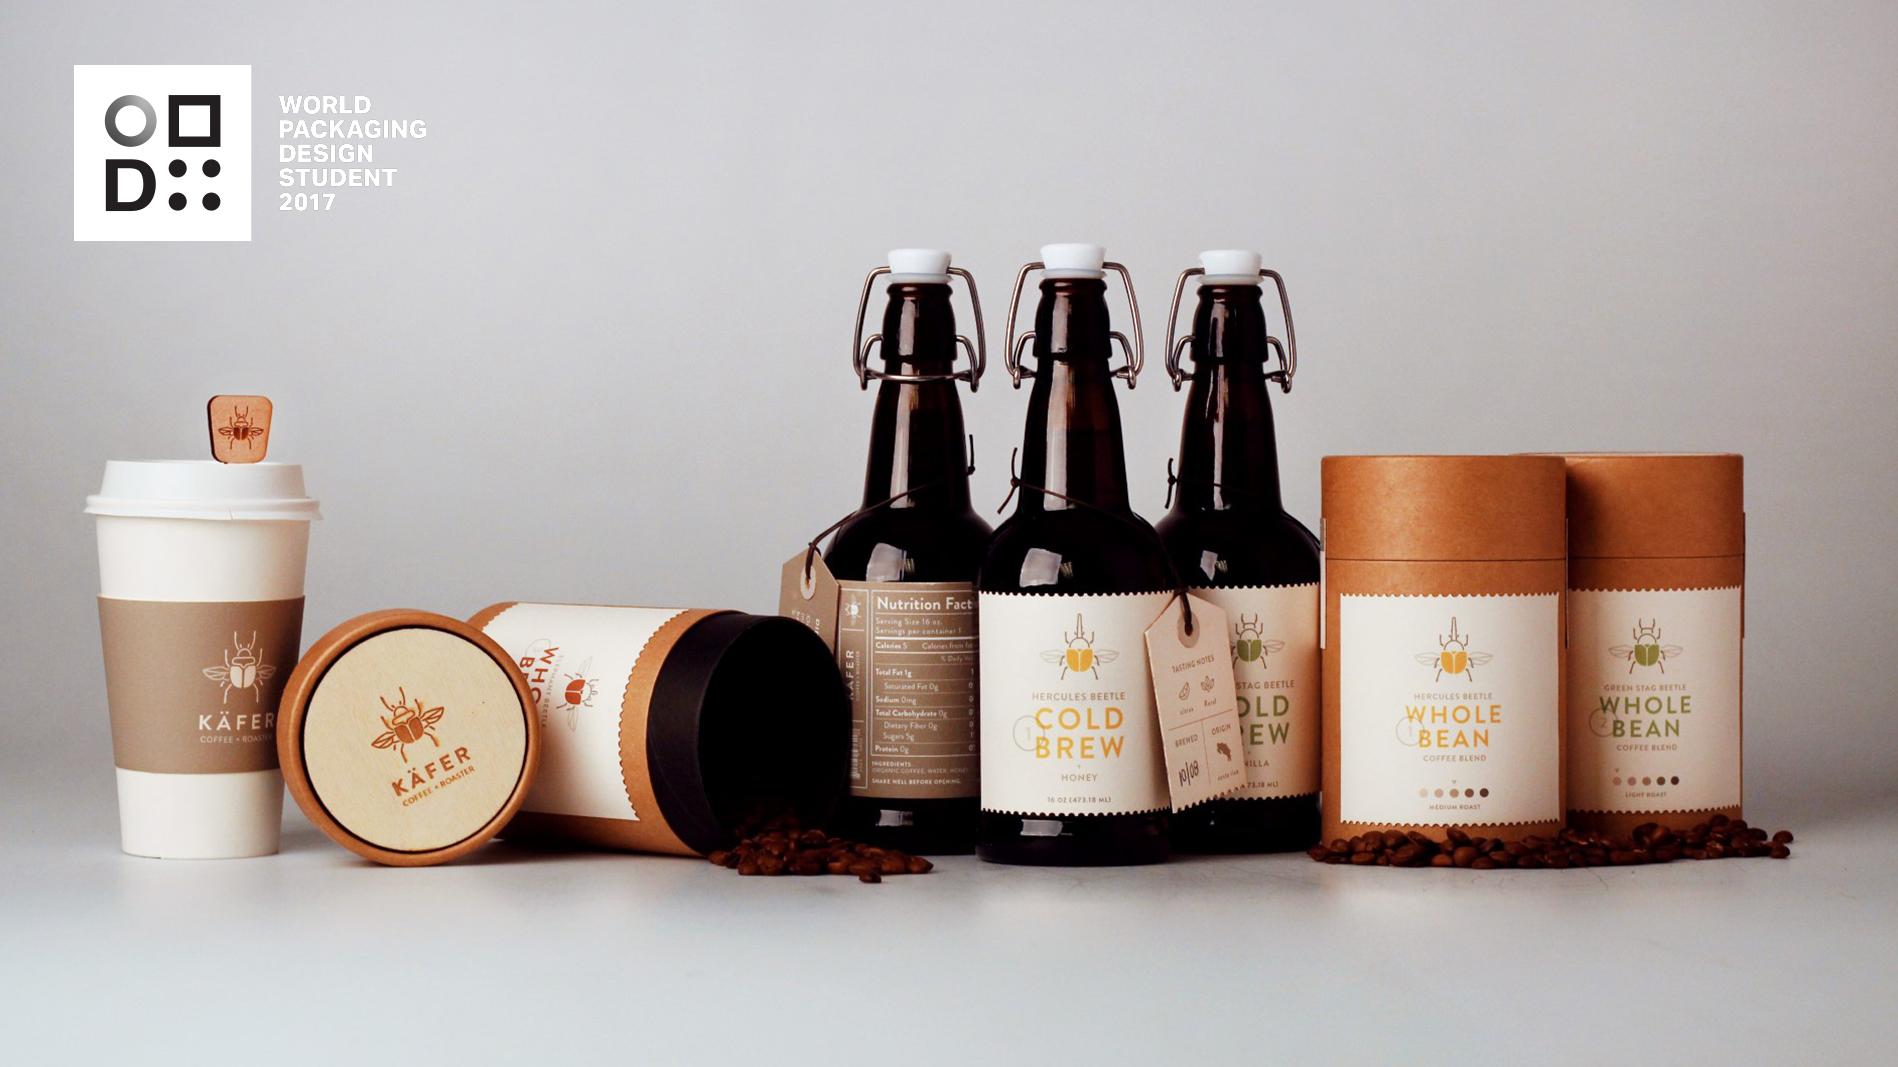 8-jordan-richards-world-packaging-design-student.jpg